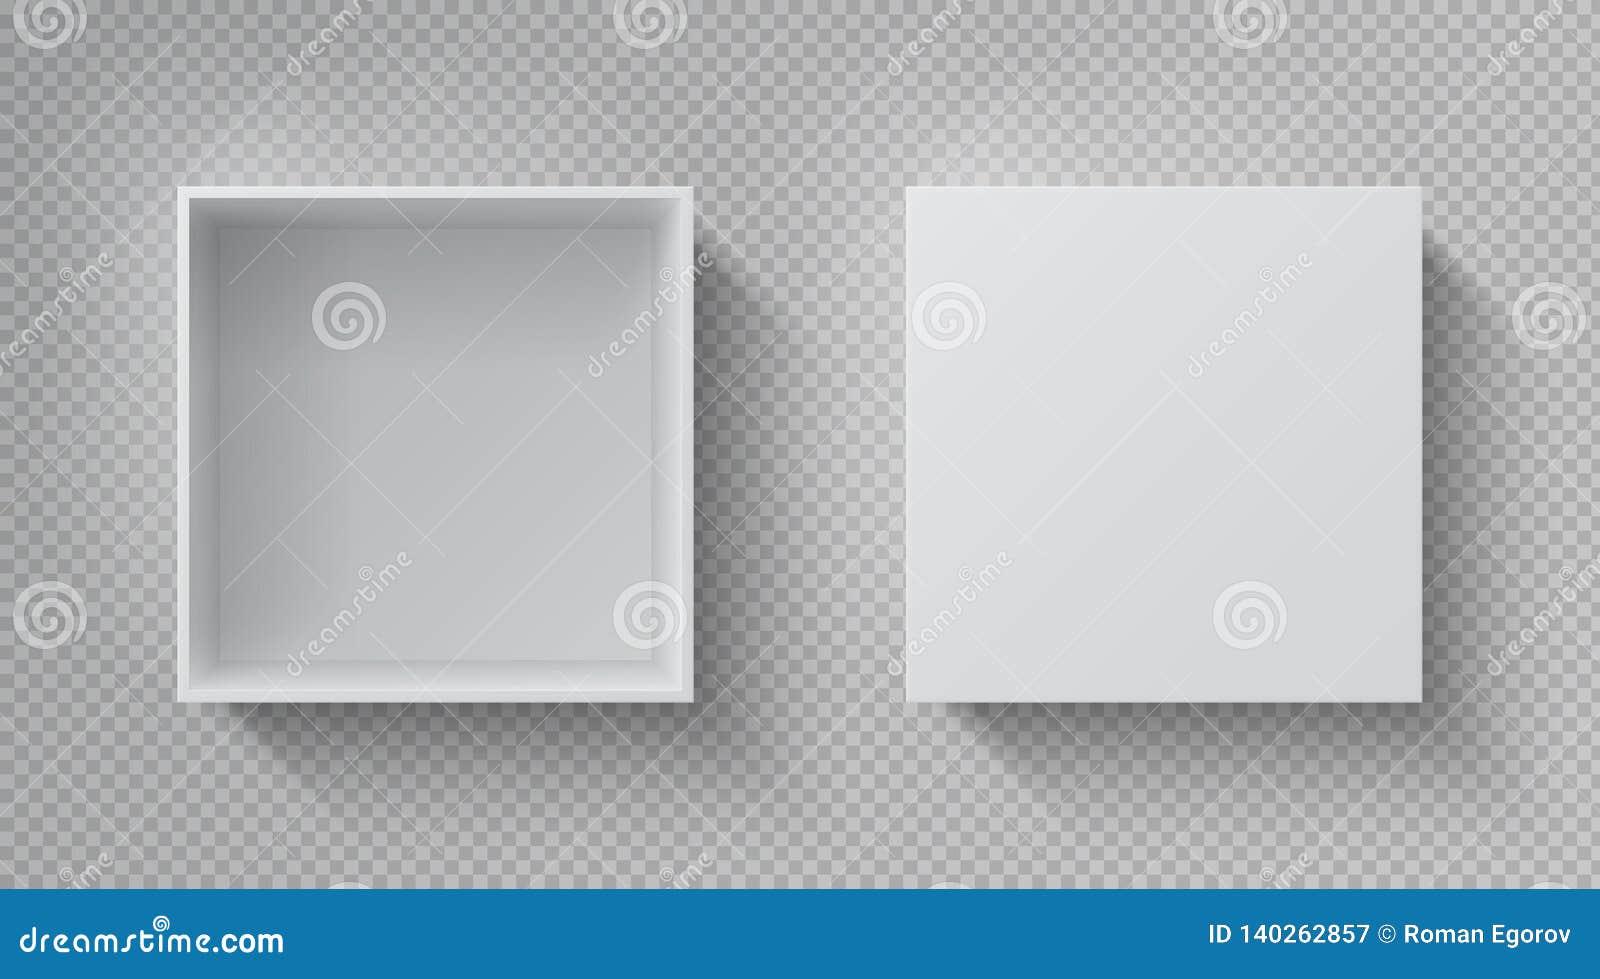 Реалистическое взгляд сверху коробки Открытый белый модель-макет пакета, картон закрыл пакет чистого листа бумаги подарочной коро